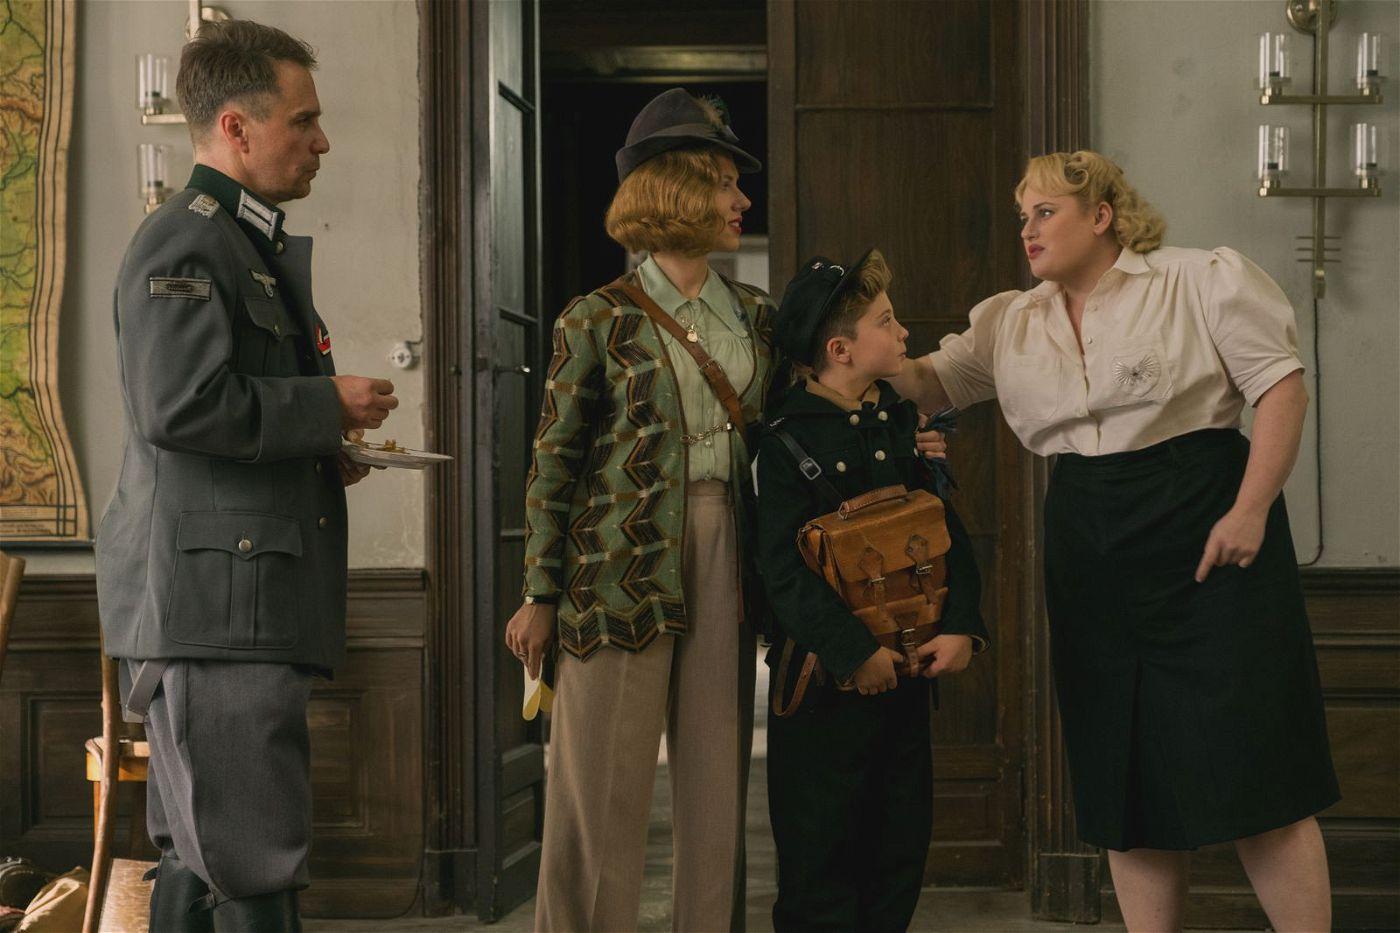 Fräulein Rahm (Rebel Wilson, rechts) und Hauptmann Klenzendorf (Sam Rockwell, links) nehmen Jojo (Roman Griffin Davis) unter ihre Fittiche. Jojos Mutter Rosie (Scarlett Johansson) passt das gar nicht.